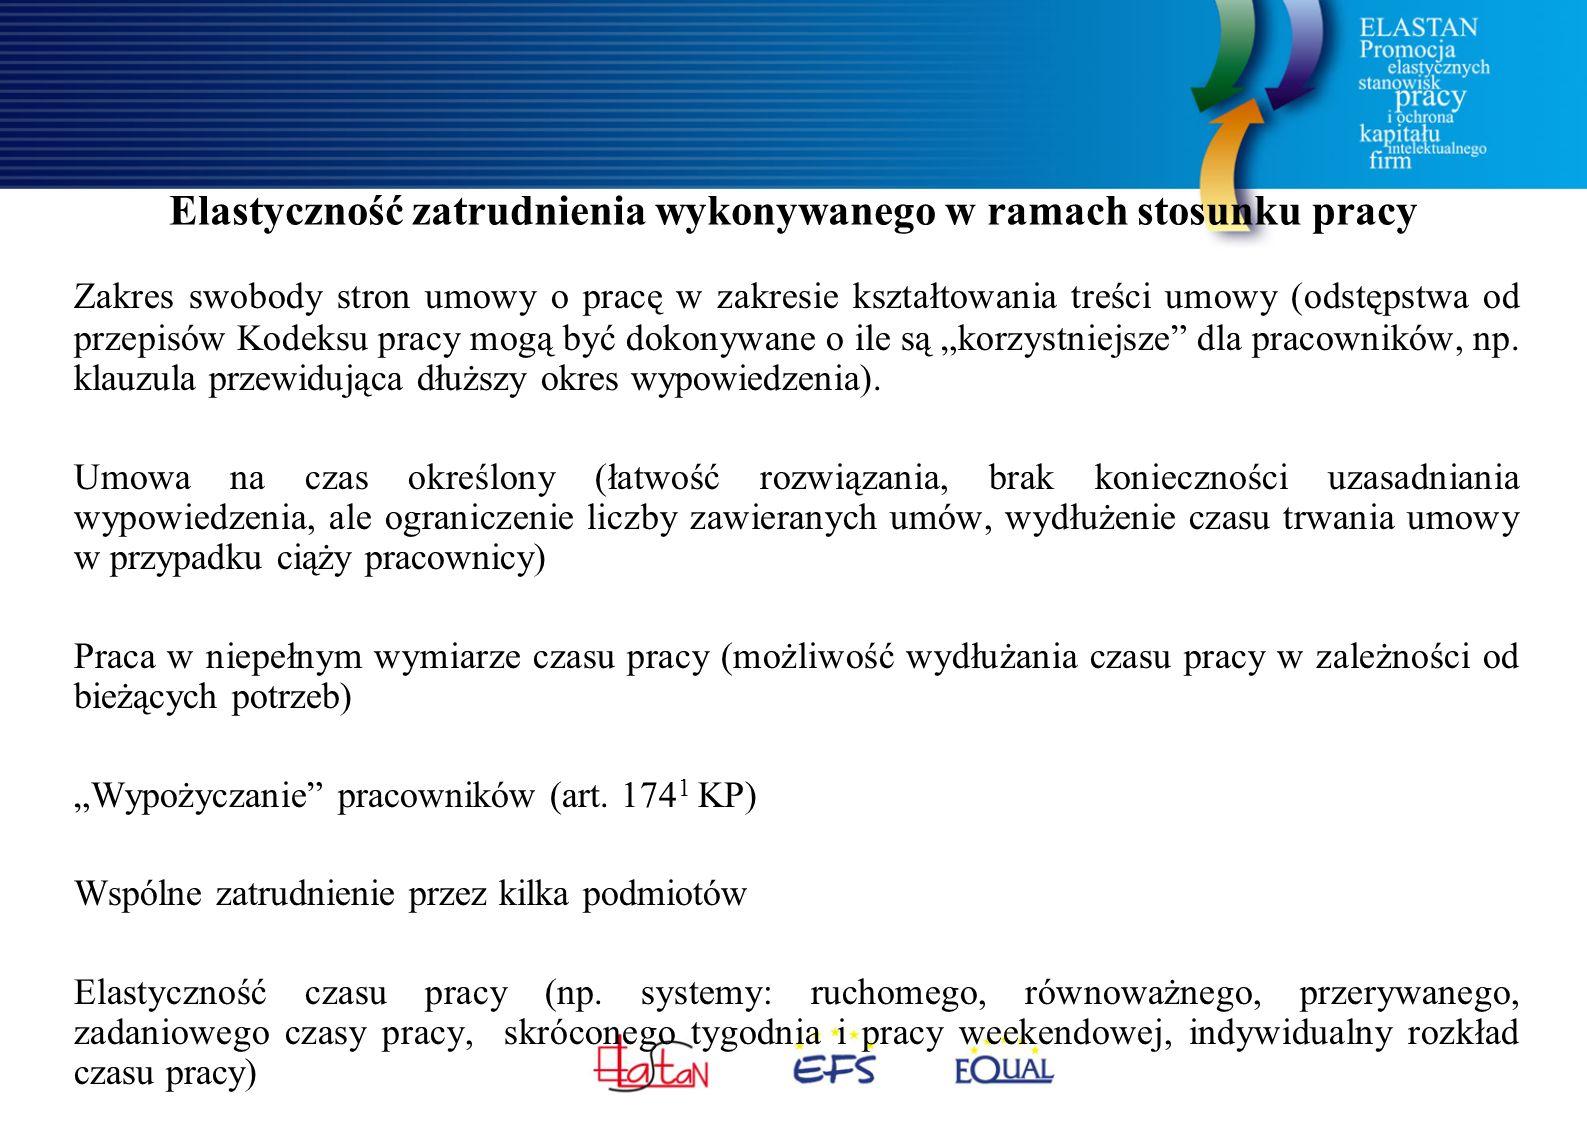 Elastyczność zatrudnienia wykonywanego w ramach stosunku pracy Zakres swobody stron umowy o pracę w zakresie kształtowania treści umowy (odstępstwa od